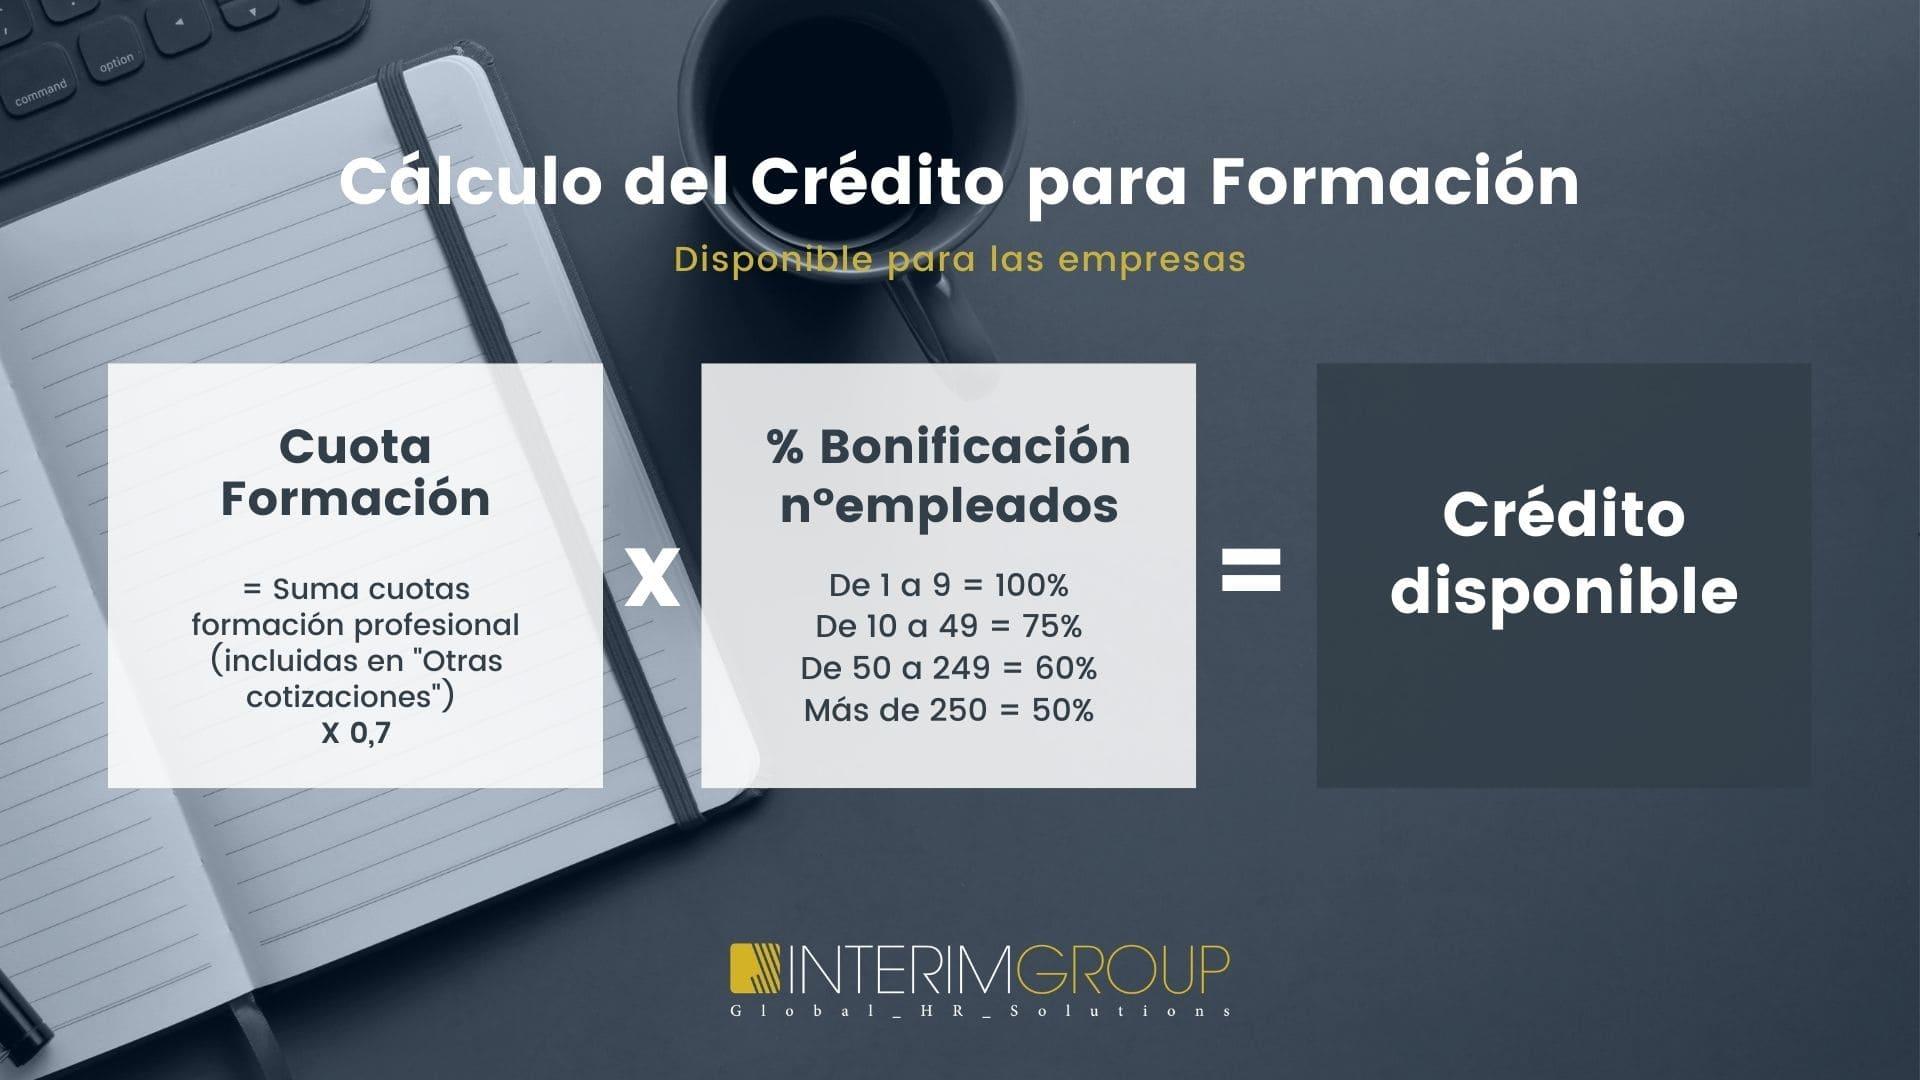 Formación-Bonificada_Calculo-Credito_INTERIM-GROUP